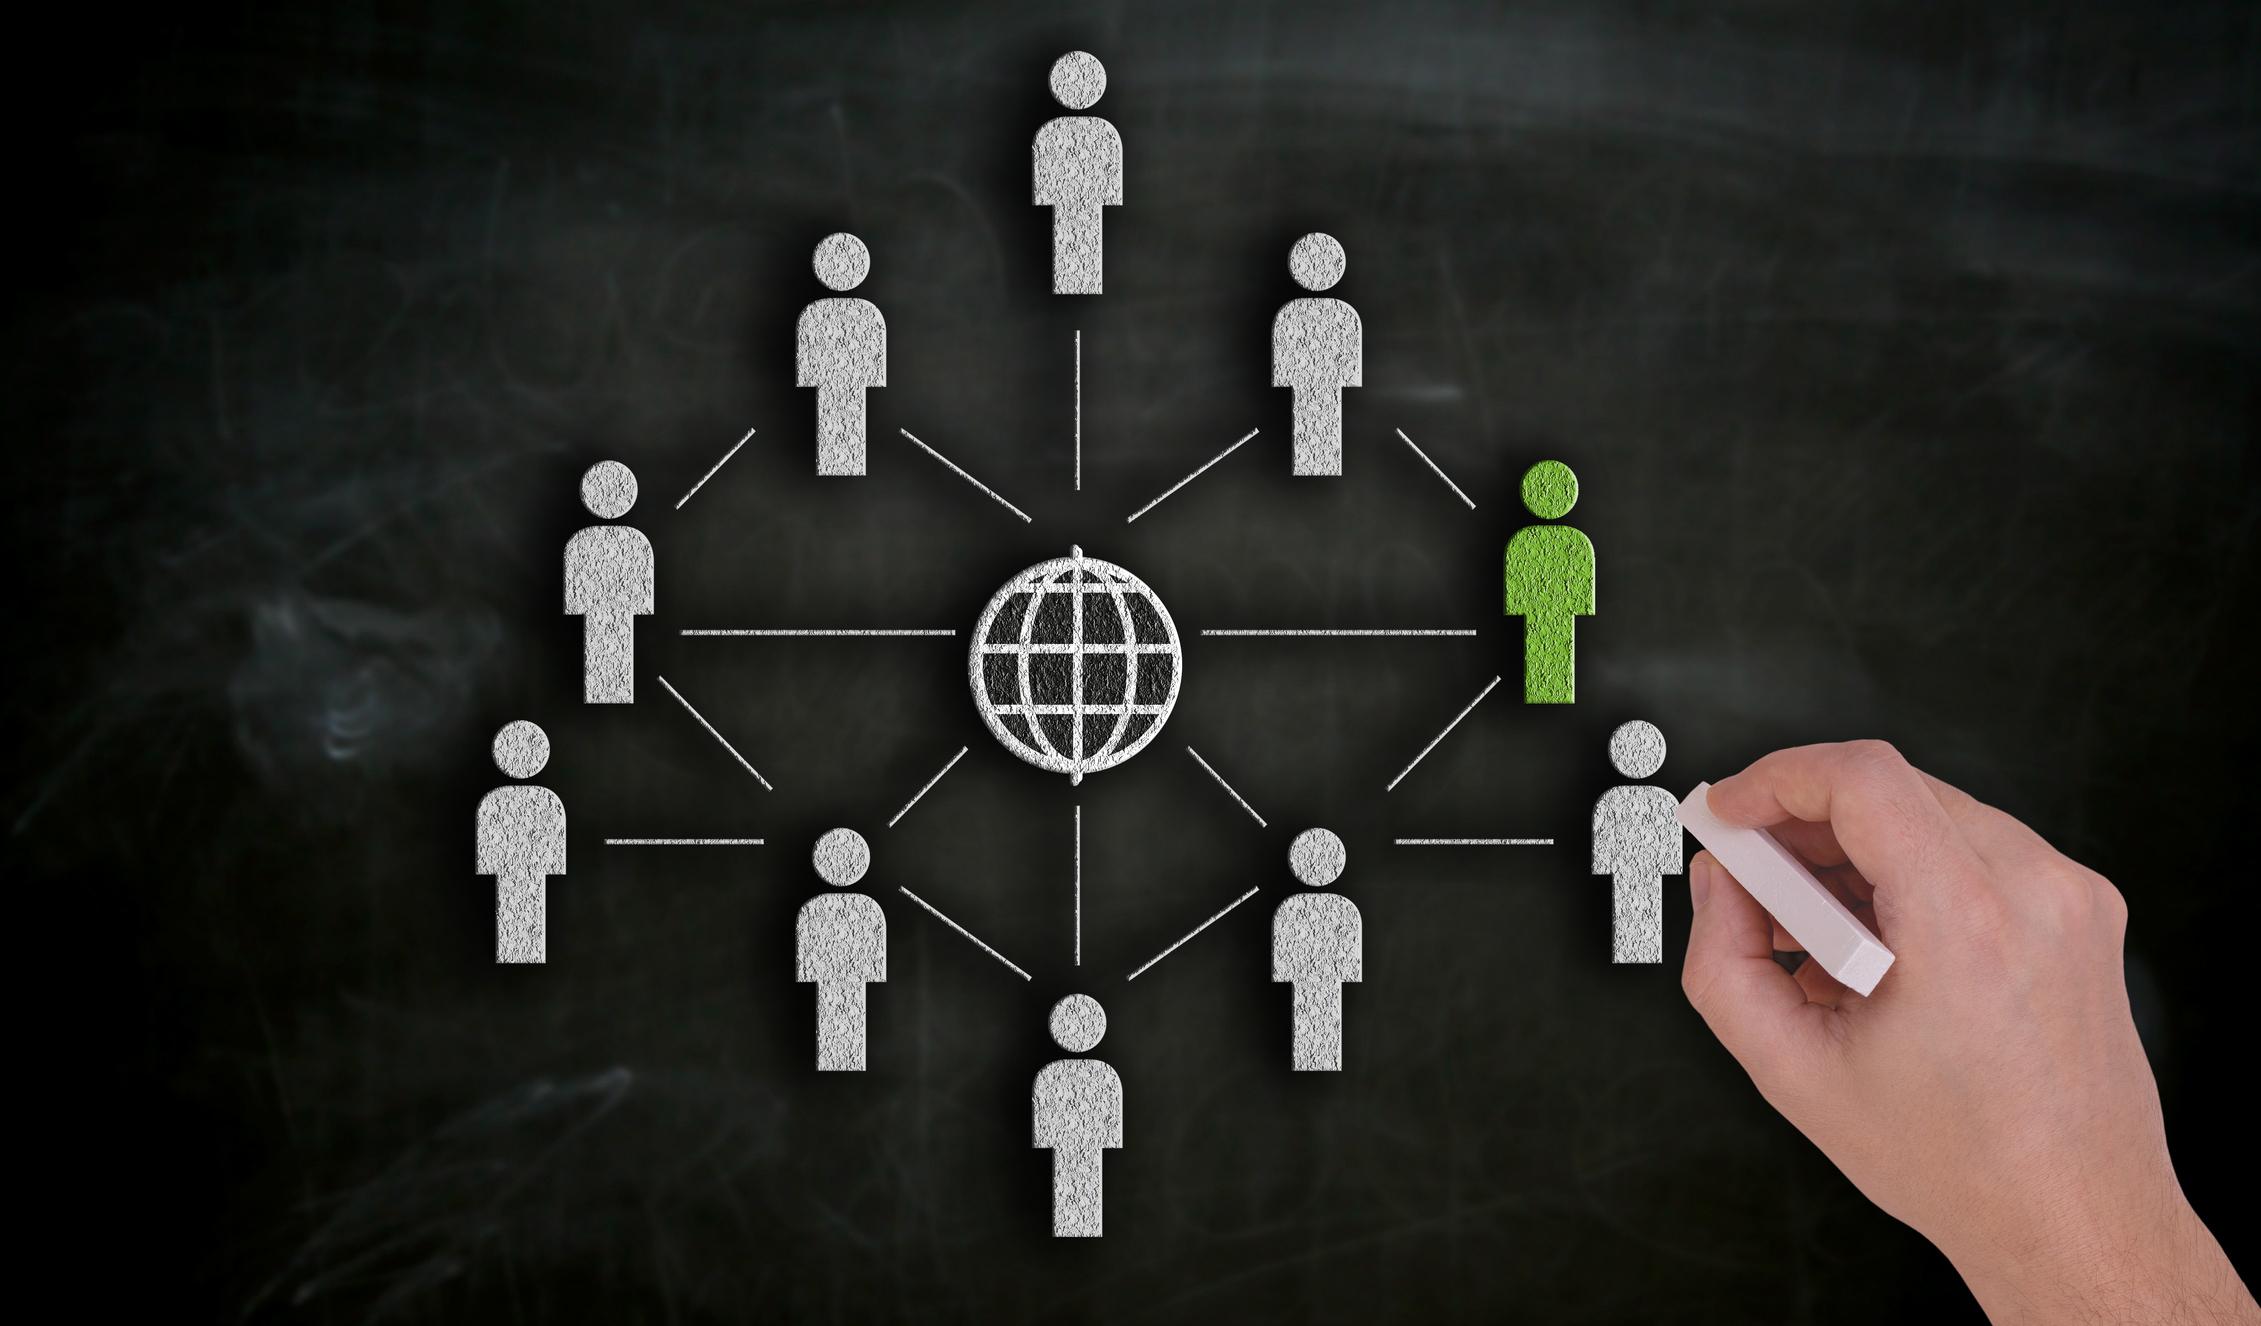 Un graphique avec des personnages en papier autour d'Internet